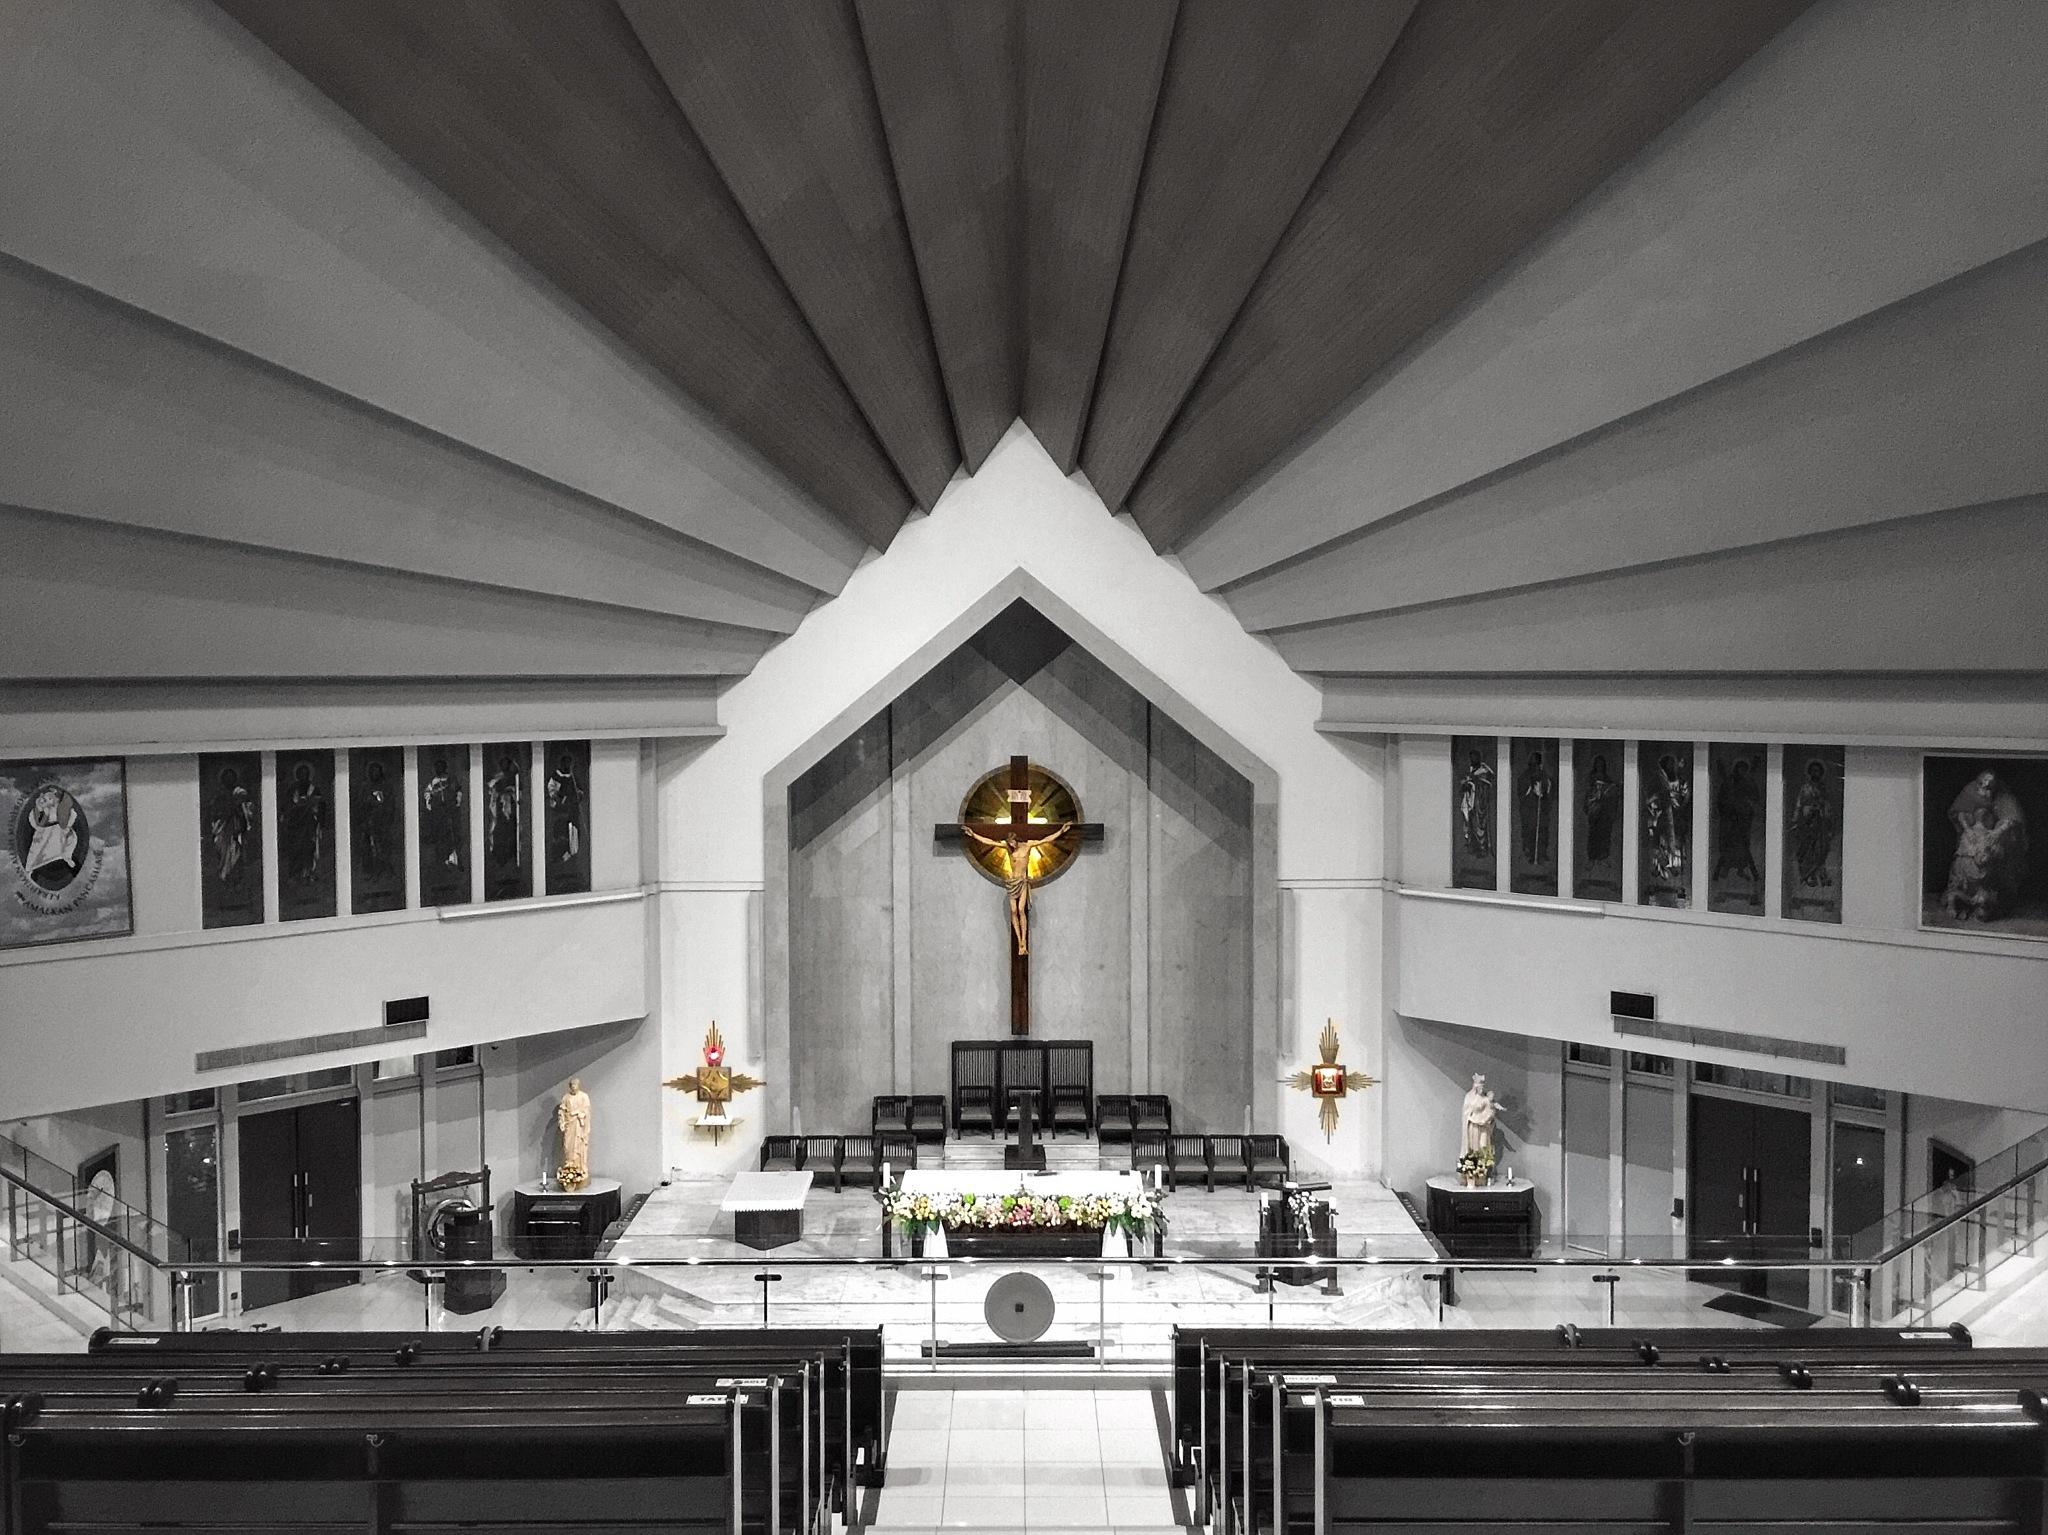 St. Yakobus church by Danny Rustandi